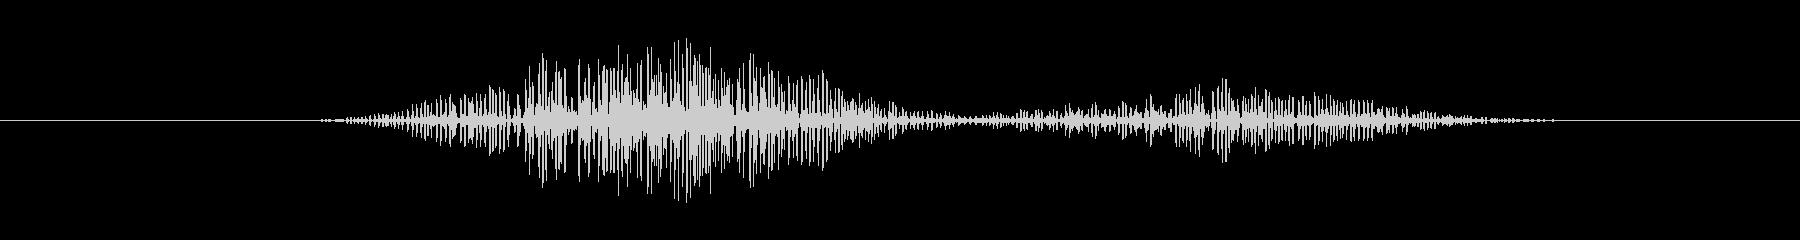 サッとしたスワイプ音の未再生の波形